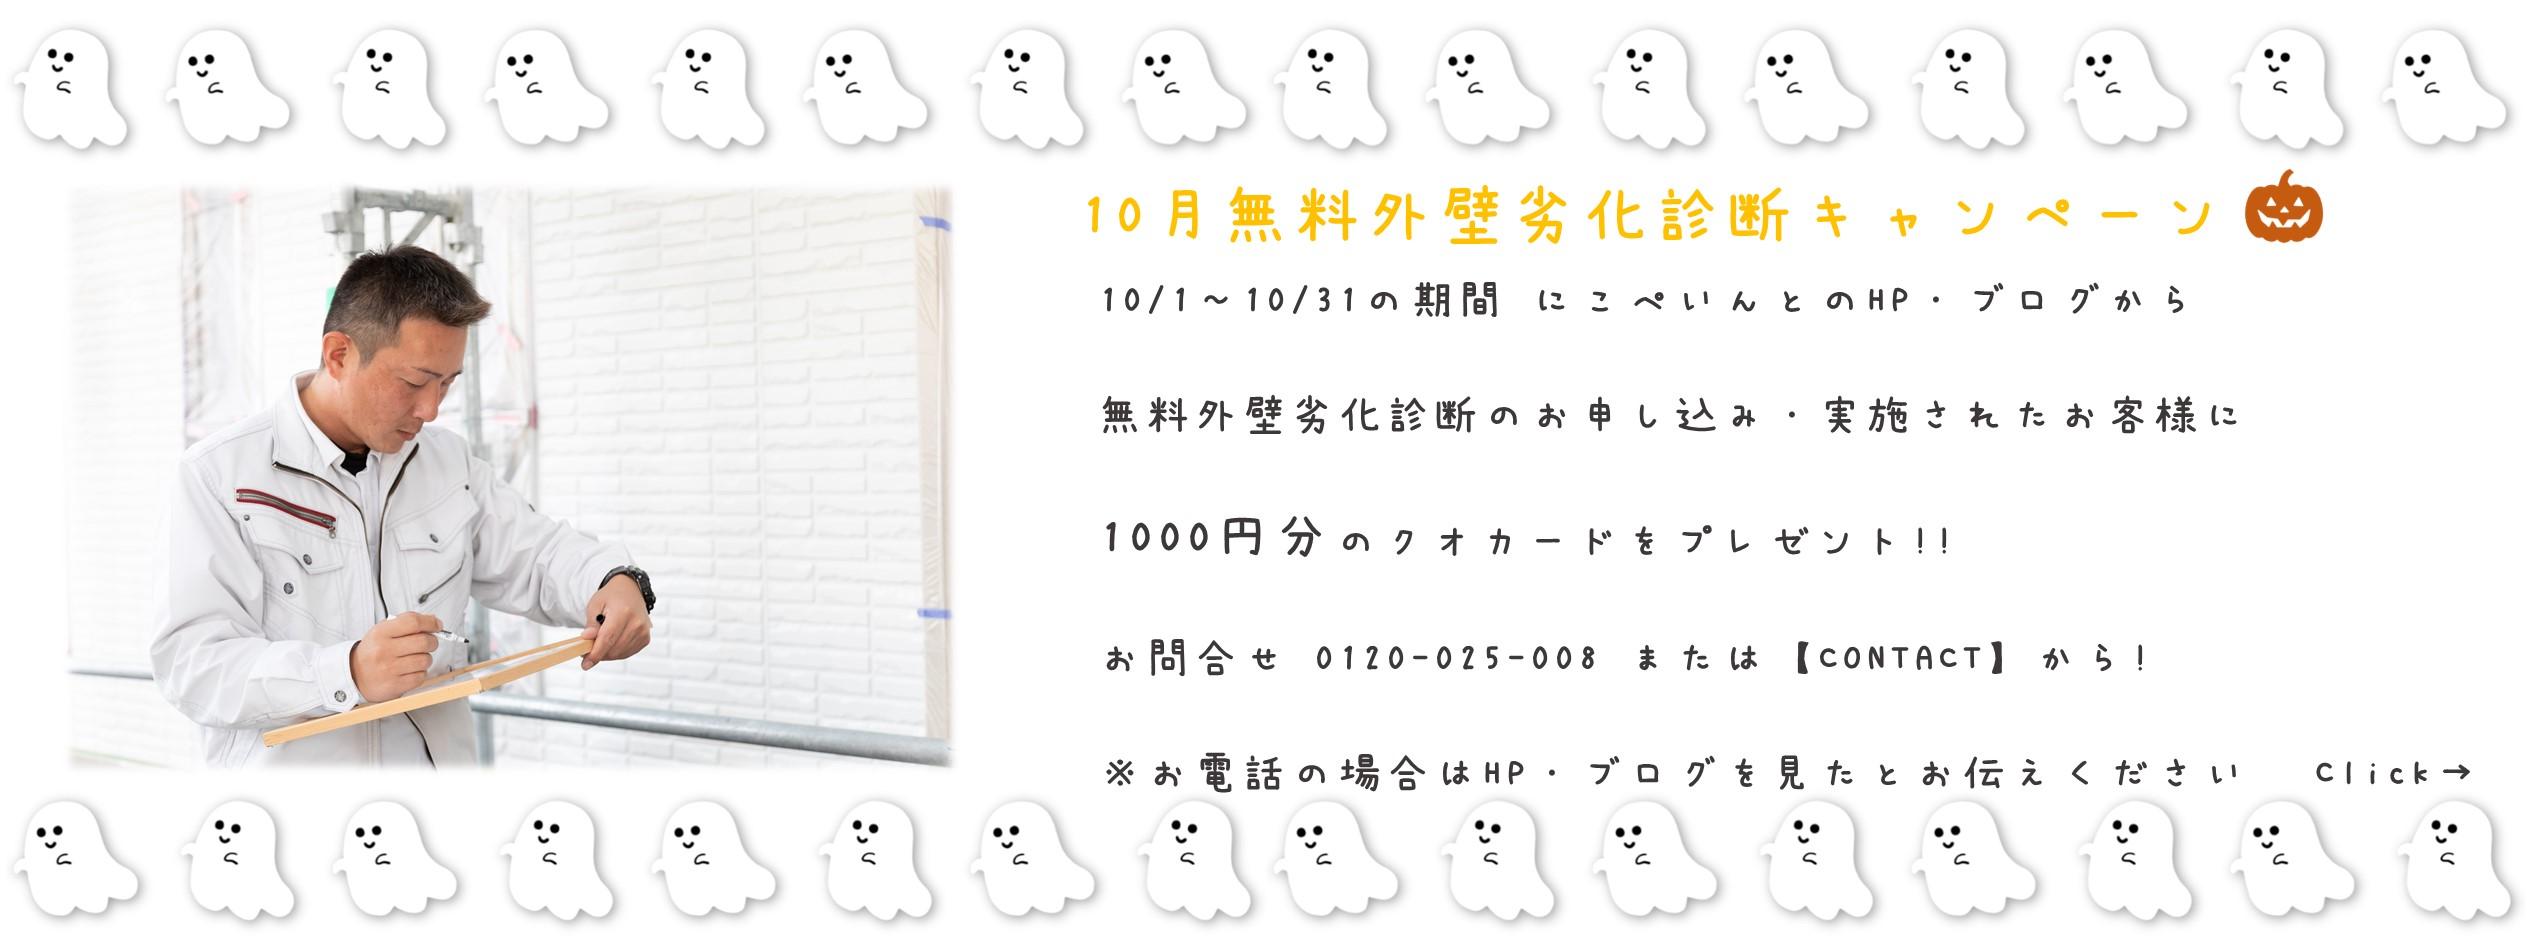 HPお知らせ用 10月キャンペーン(ハロウィン)